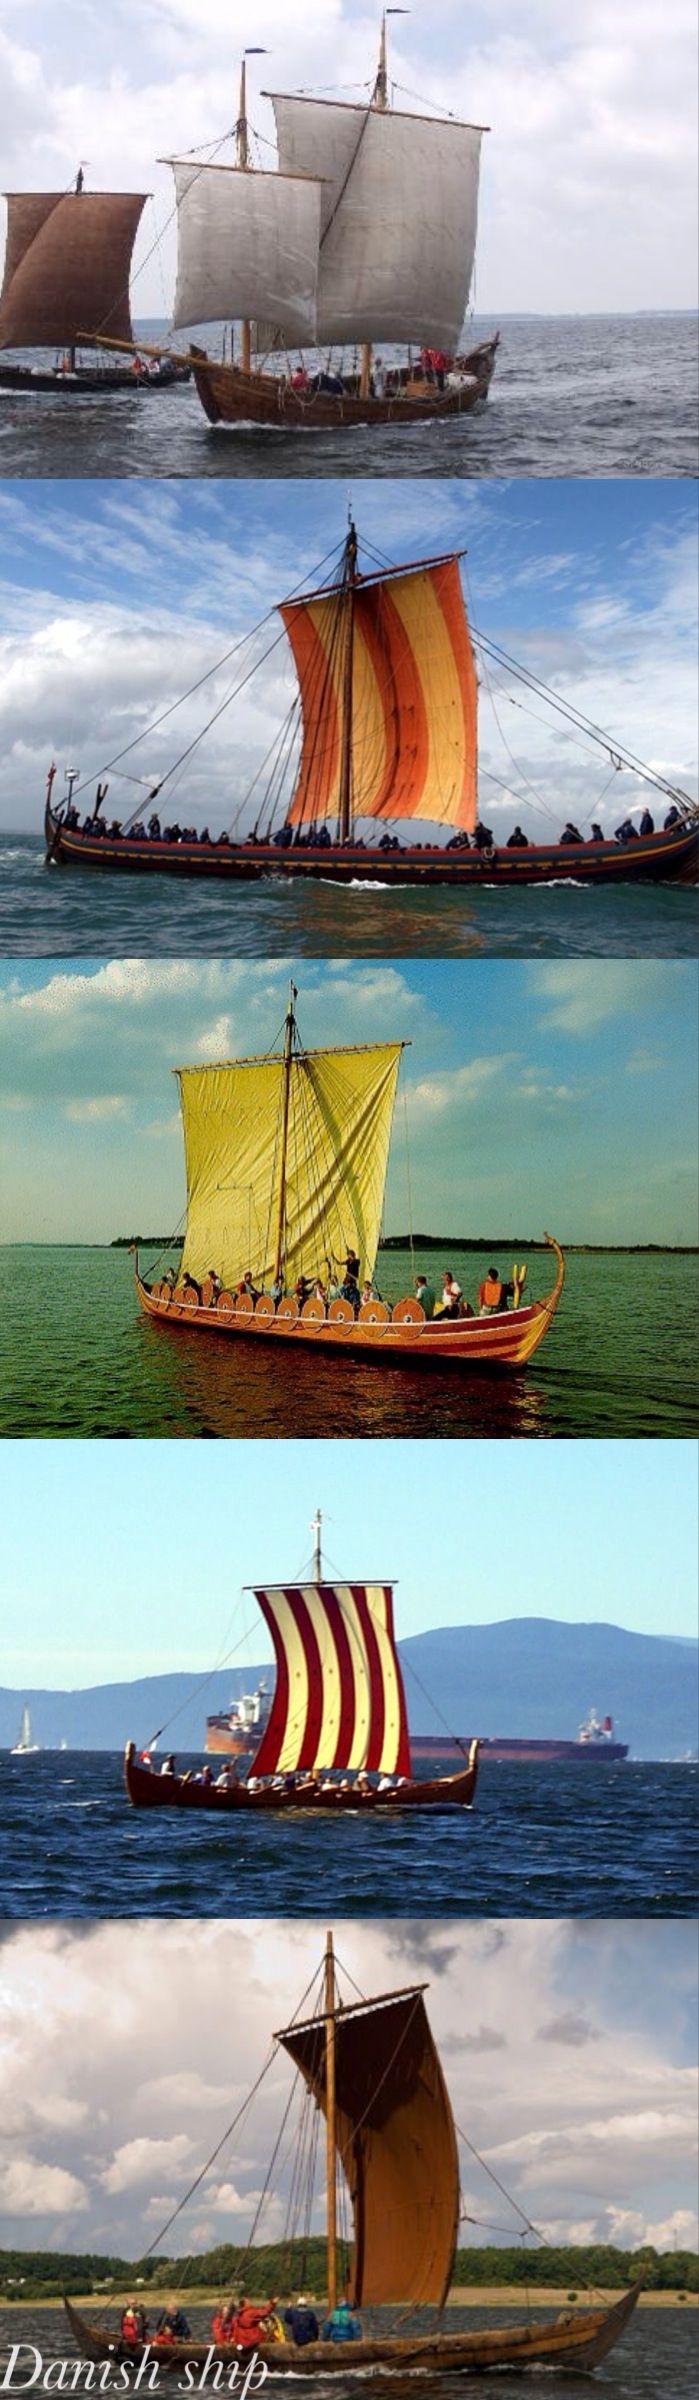 Vikings! Denmark - go to Roskilde or Trelleborg.